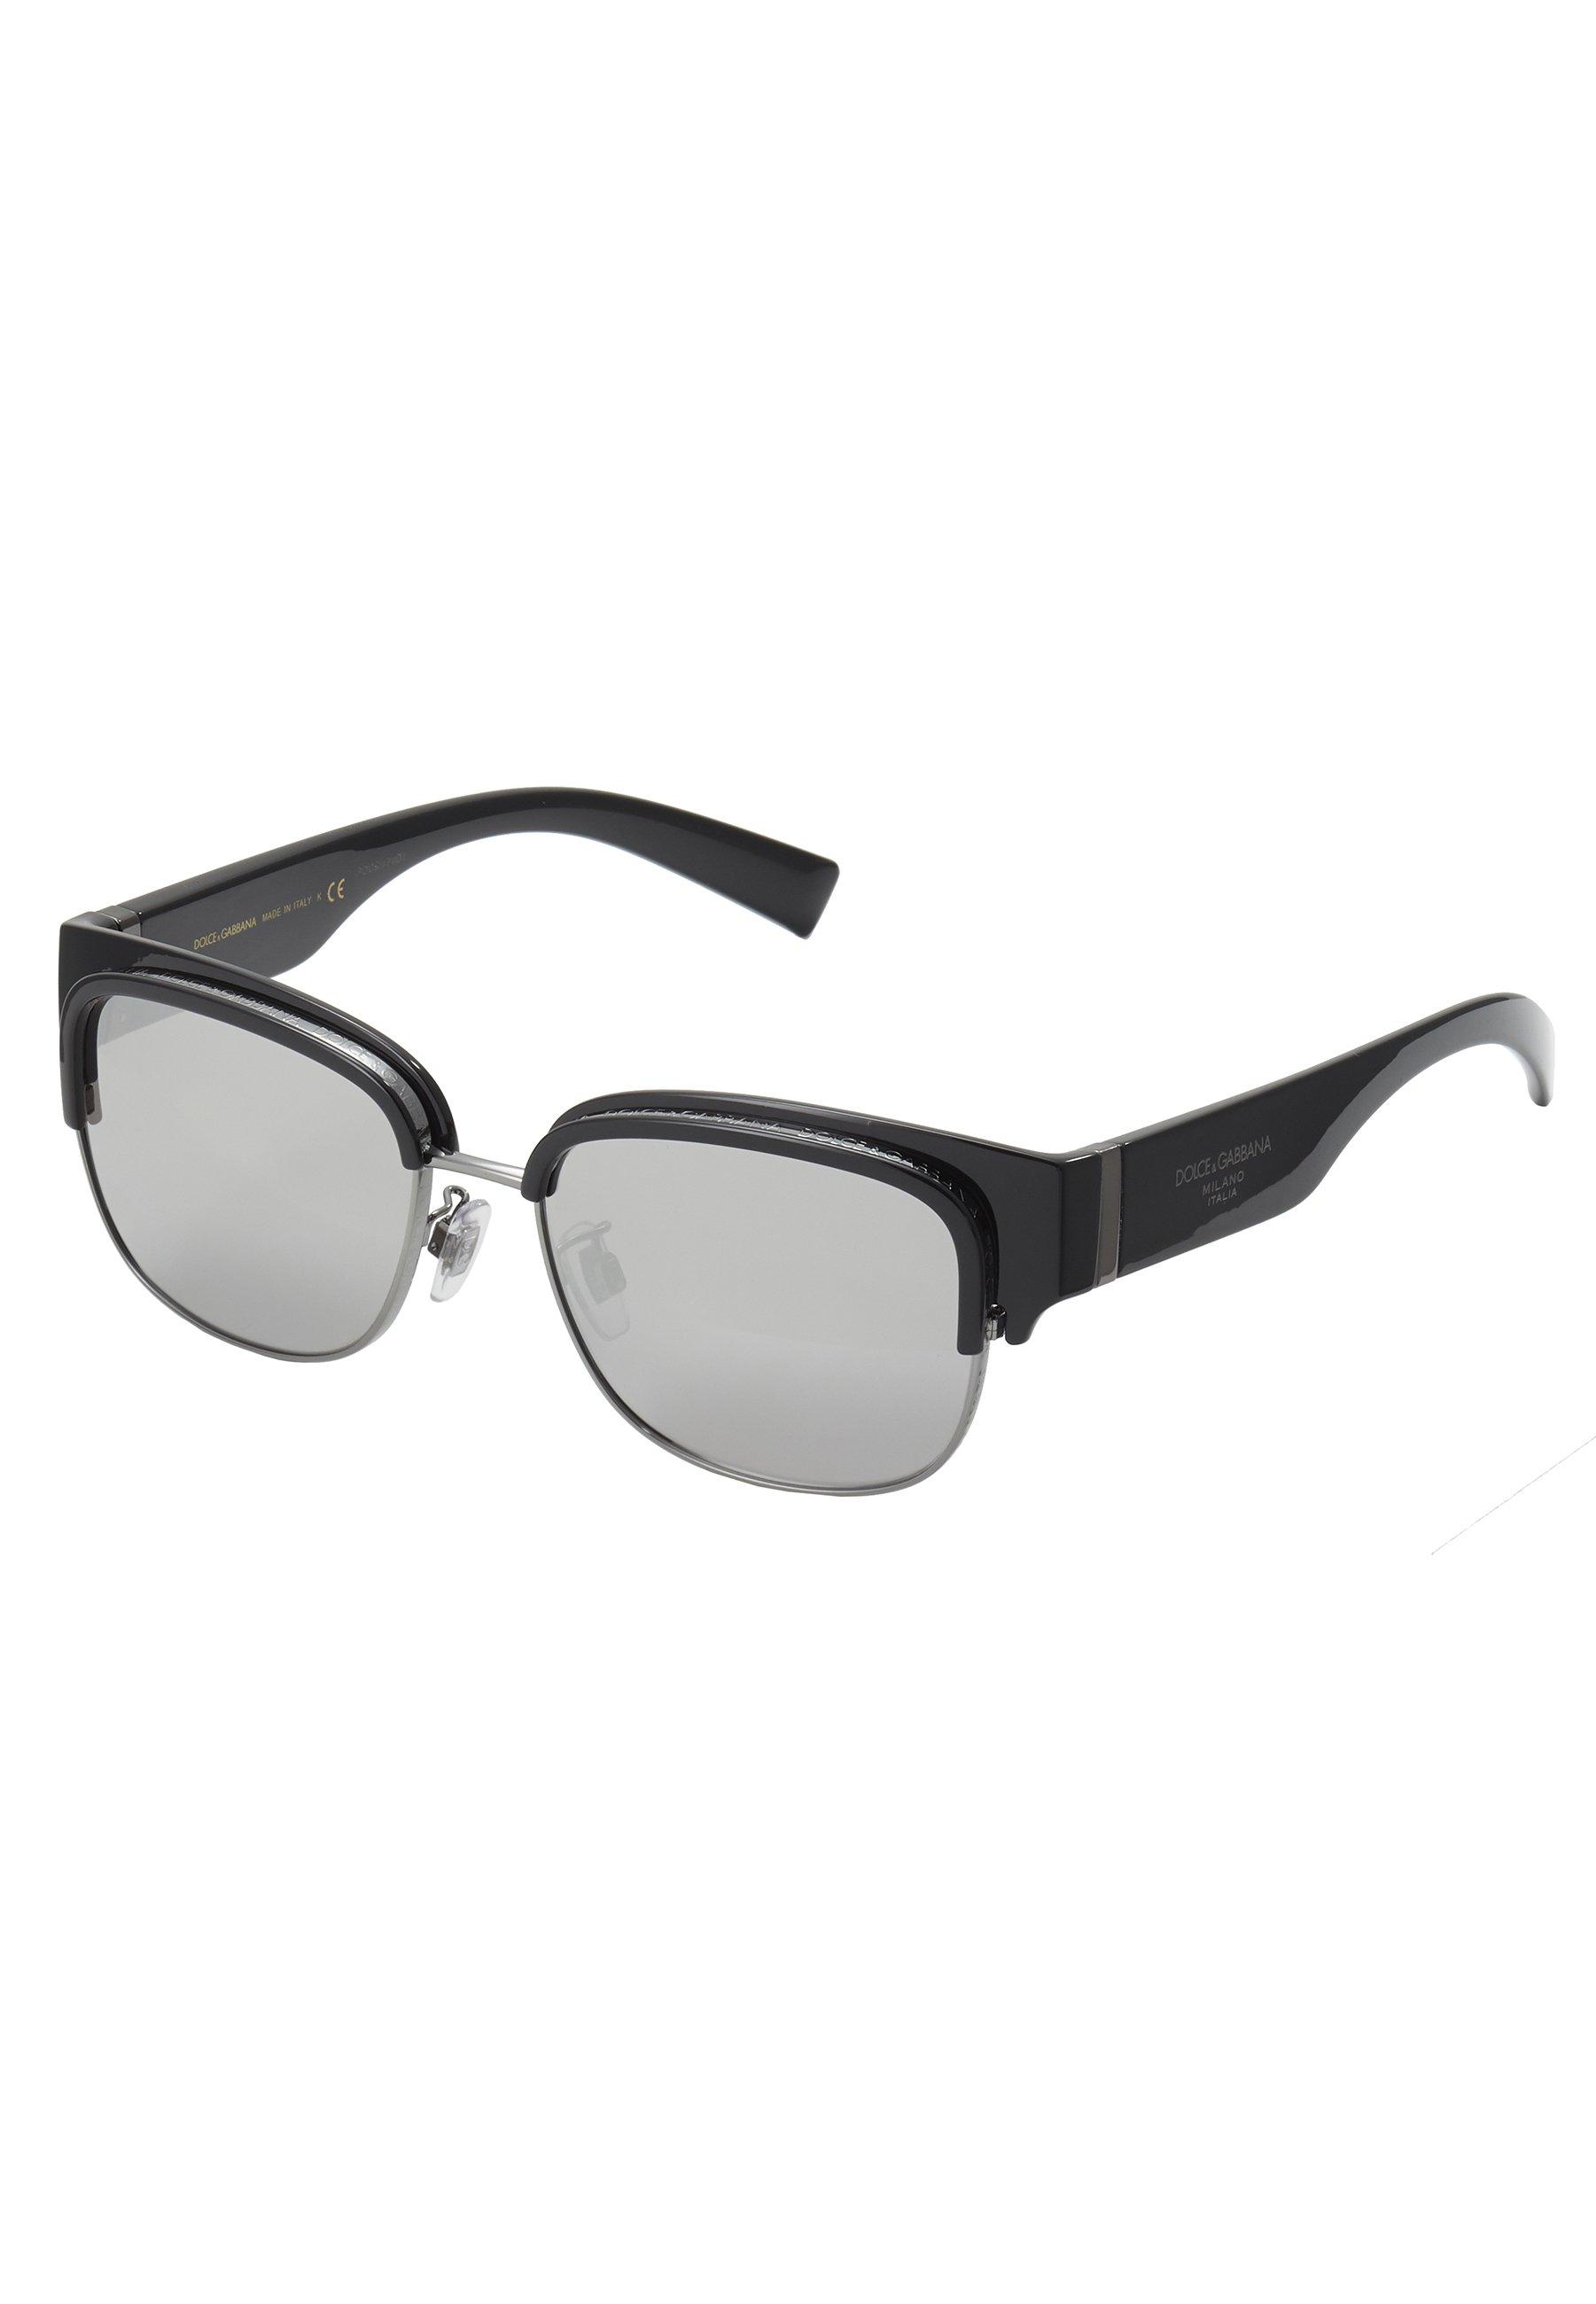 Dolce&Gabbana Solbriller - black/svart CIMaOK1qVPxOw04